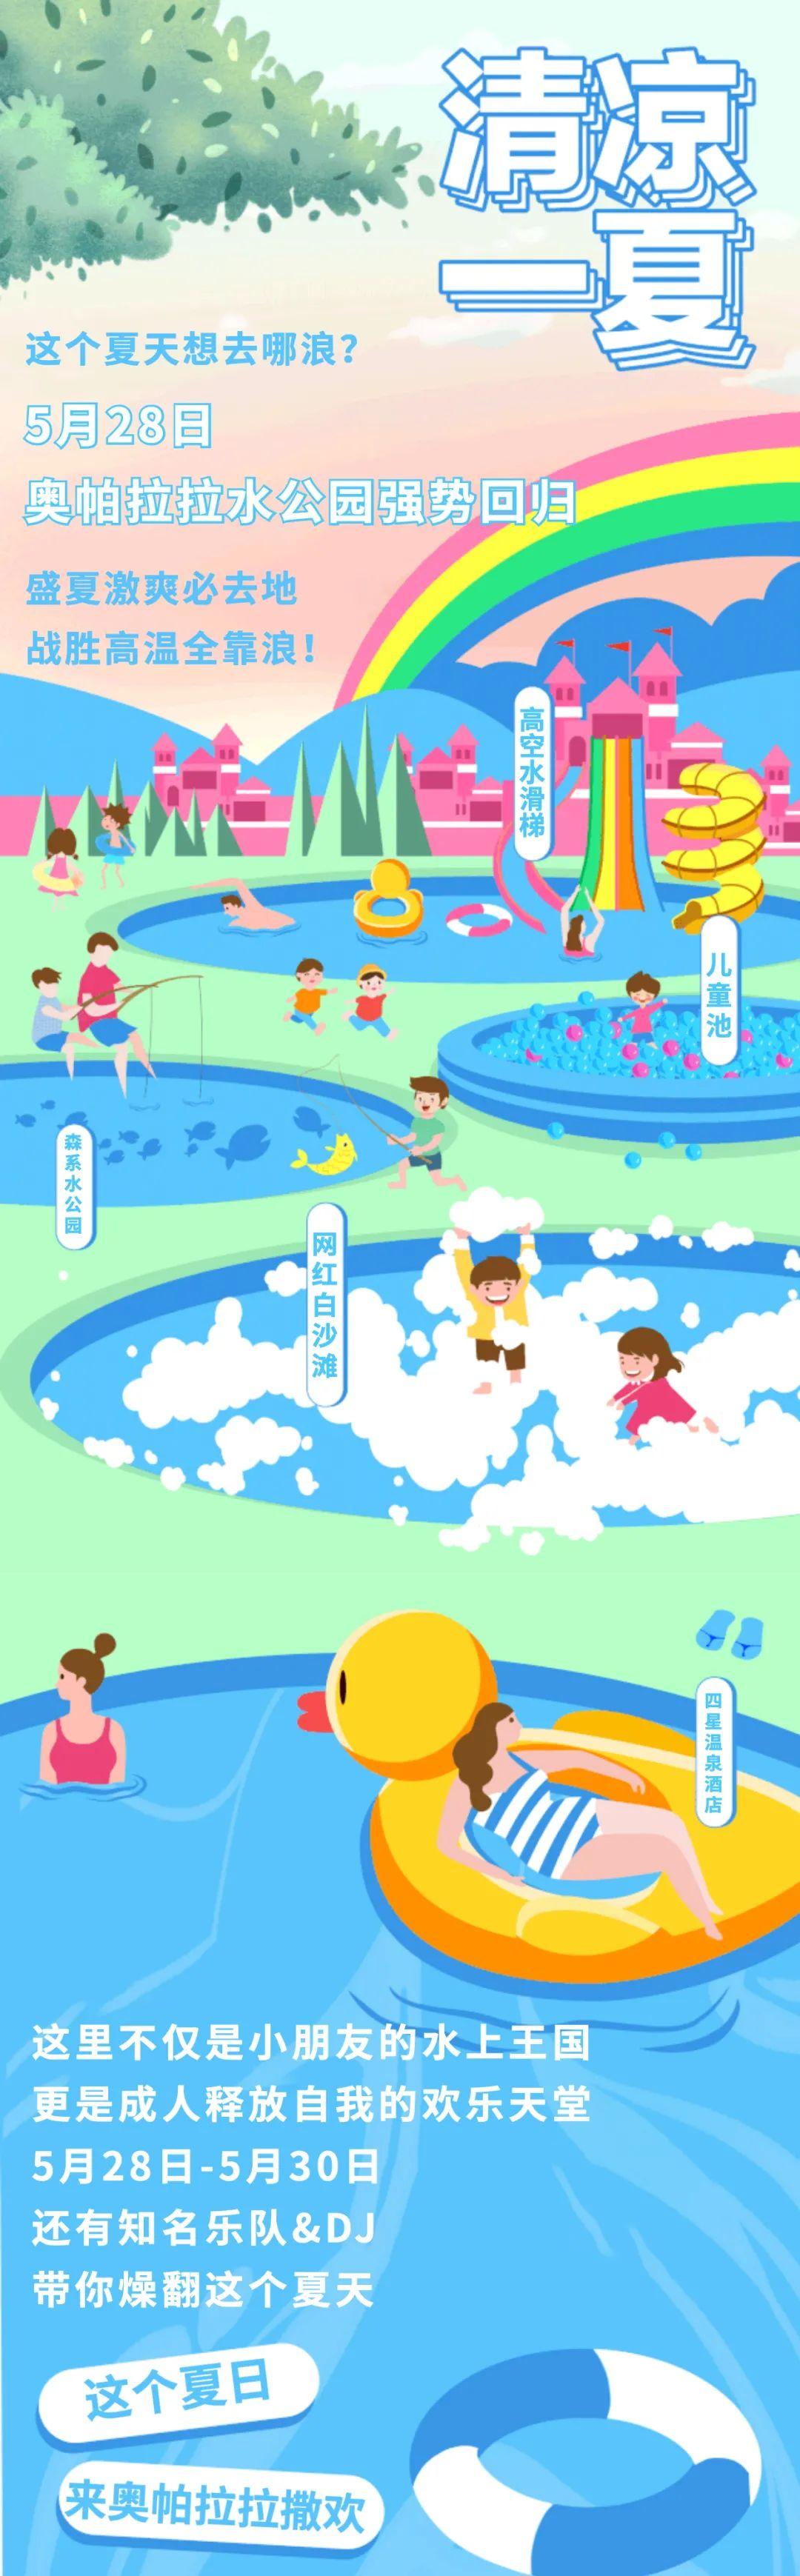 开启夏日出游计划! 奥帕拉拉水公园狂欢开园!承包你整个夏日的沁凉!